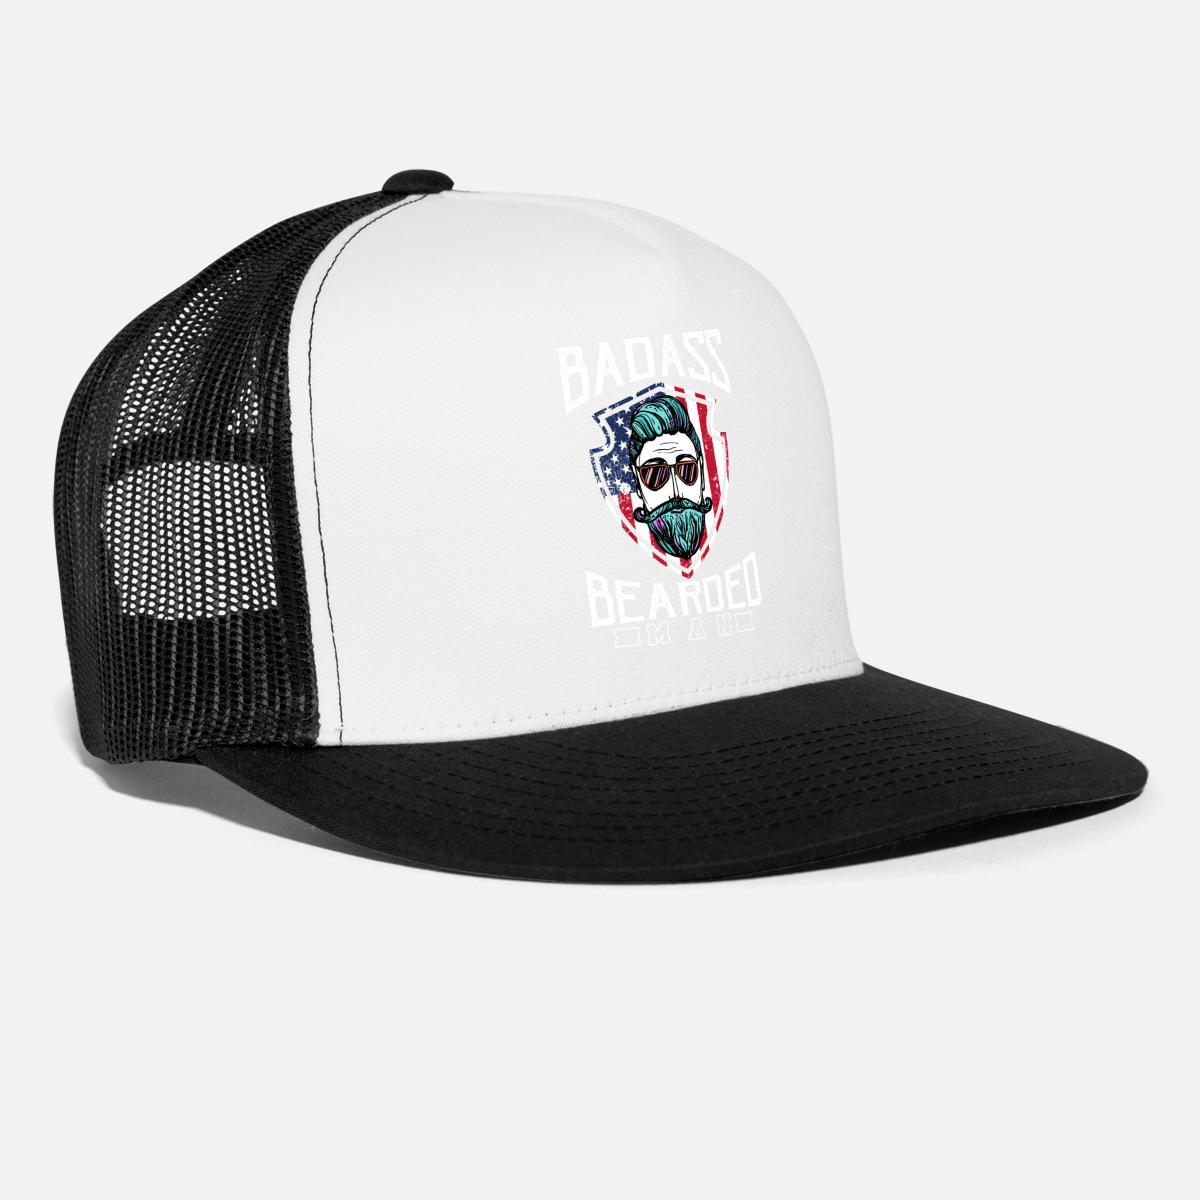 cff14a64 Badass Bearded Man American Trucker Cap   Spreadshirt